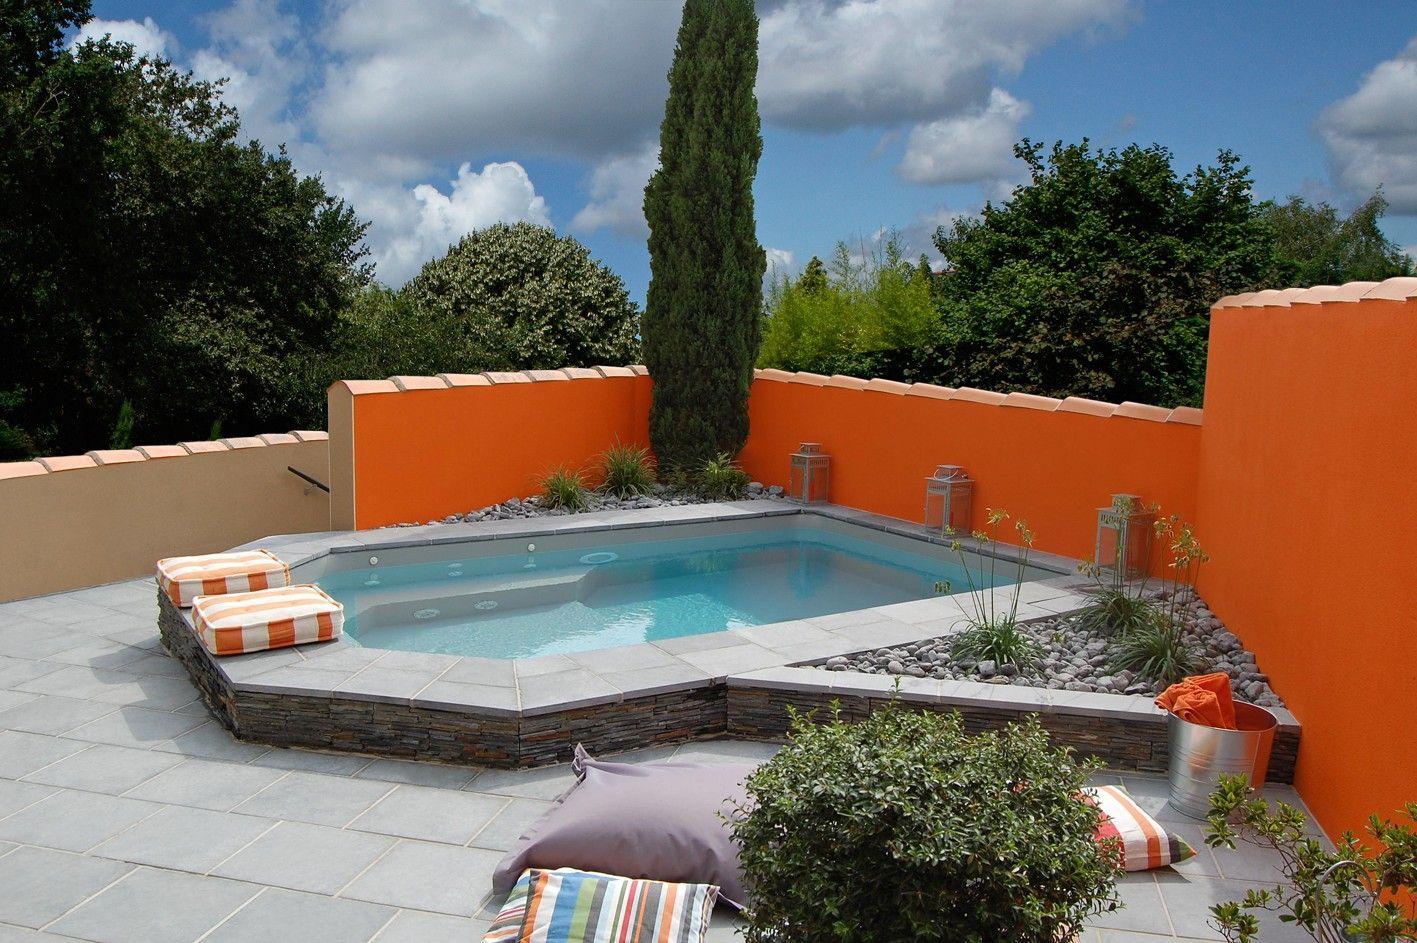 mini piscine caron piscines piscines piscine mini. Black Bedroom Furniture Sets. Home Design Ideas